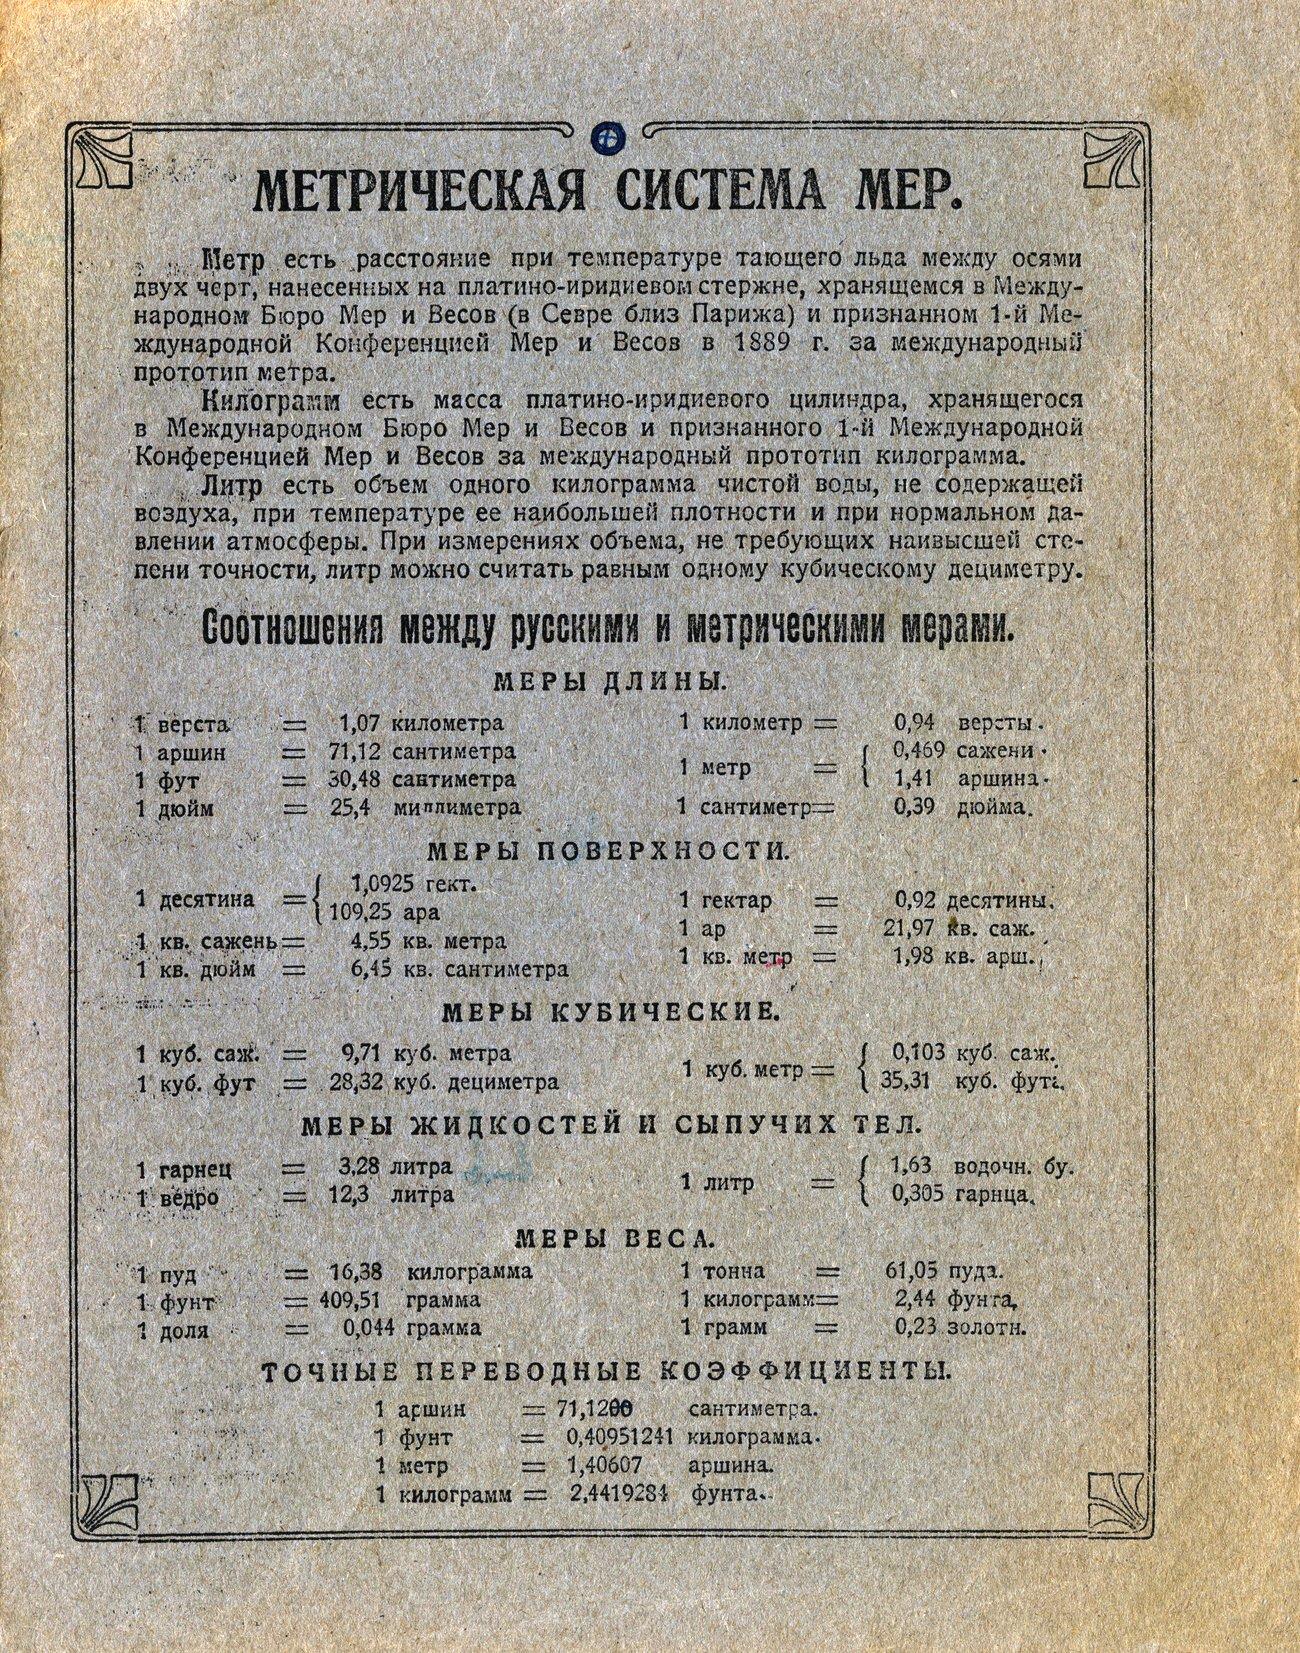 """Тетрадь """"Чечерин"""", 1926, стр. 3"""